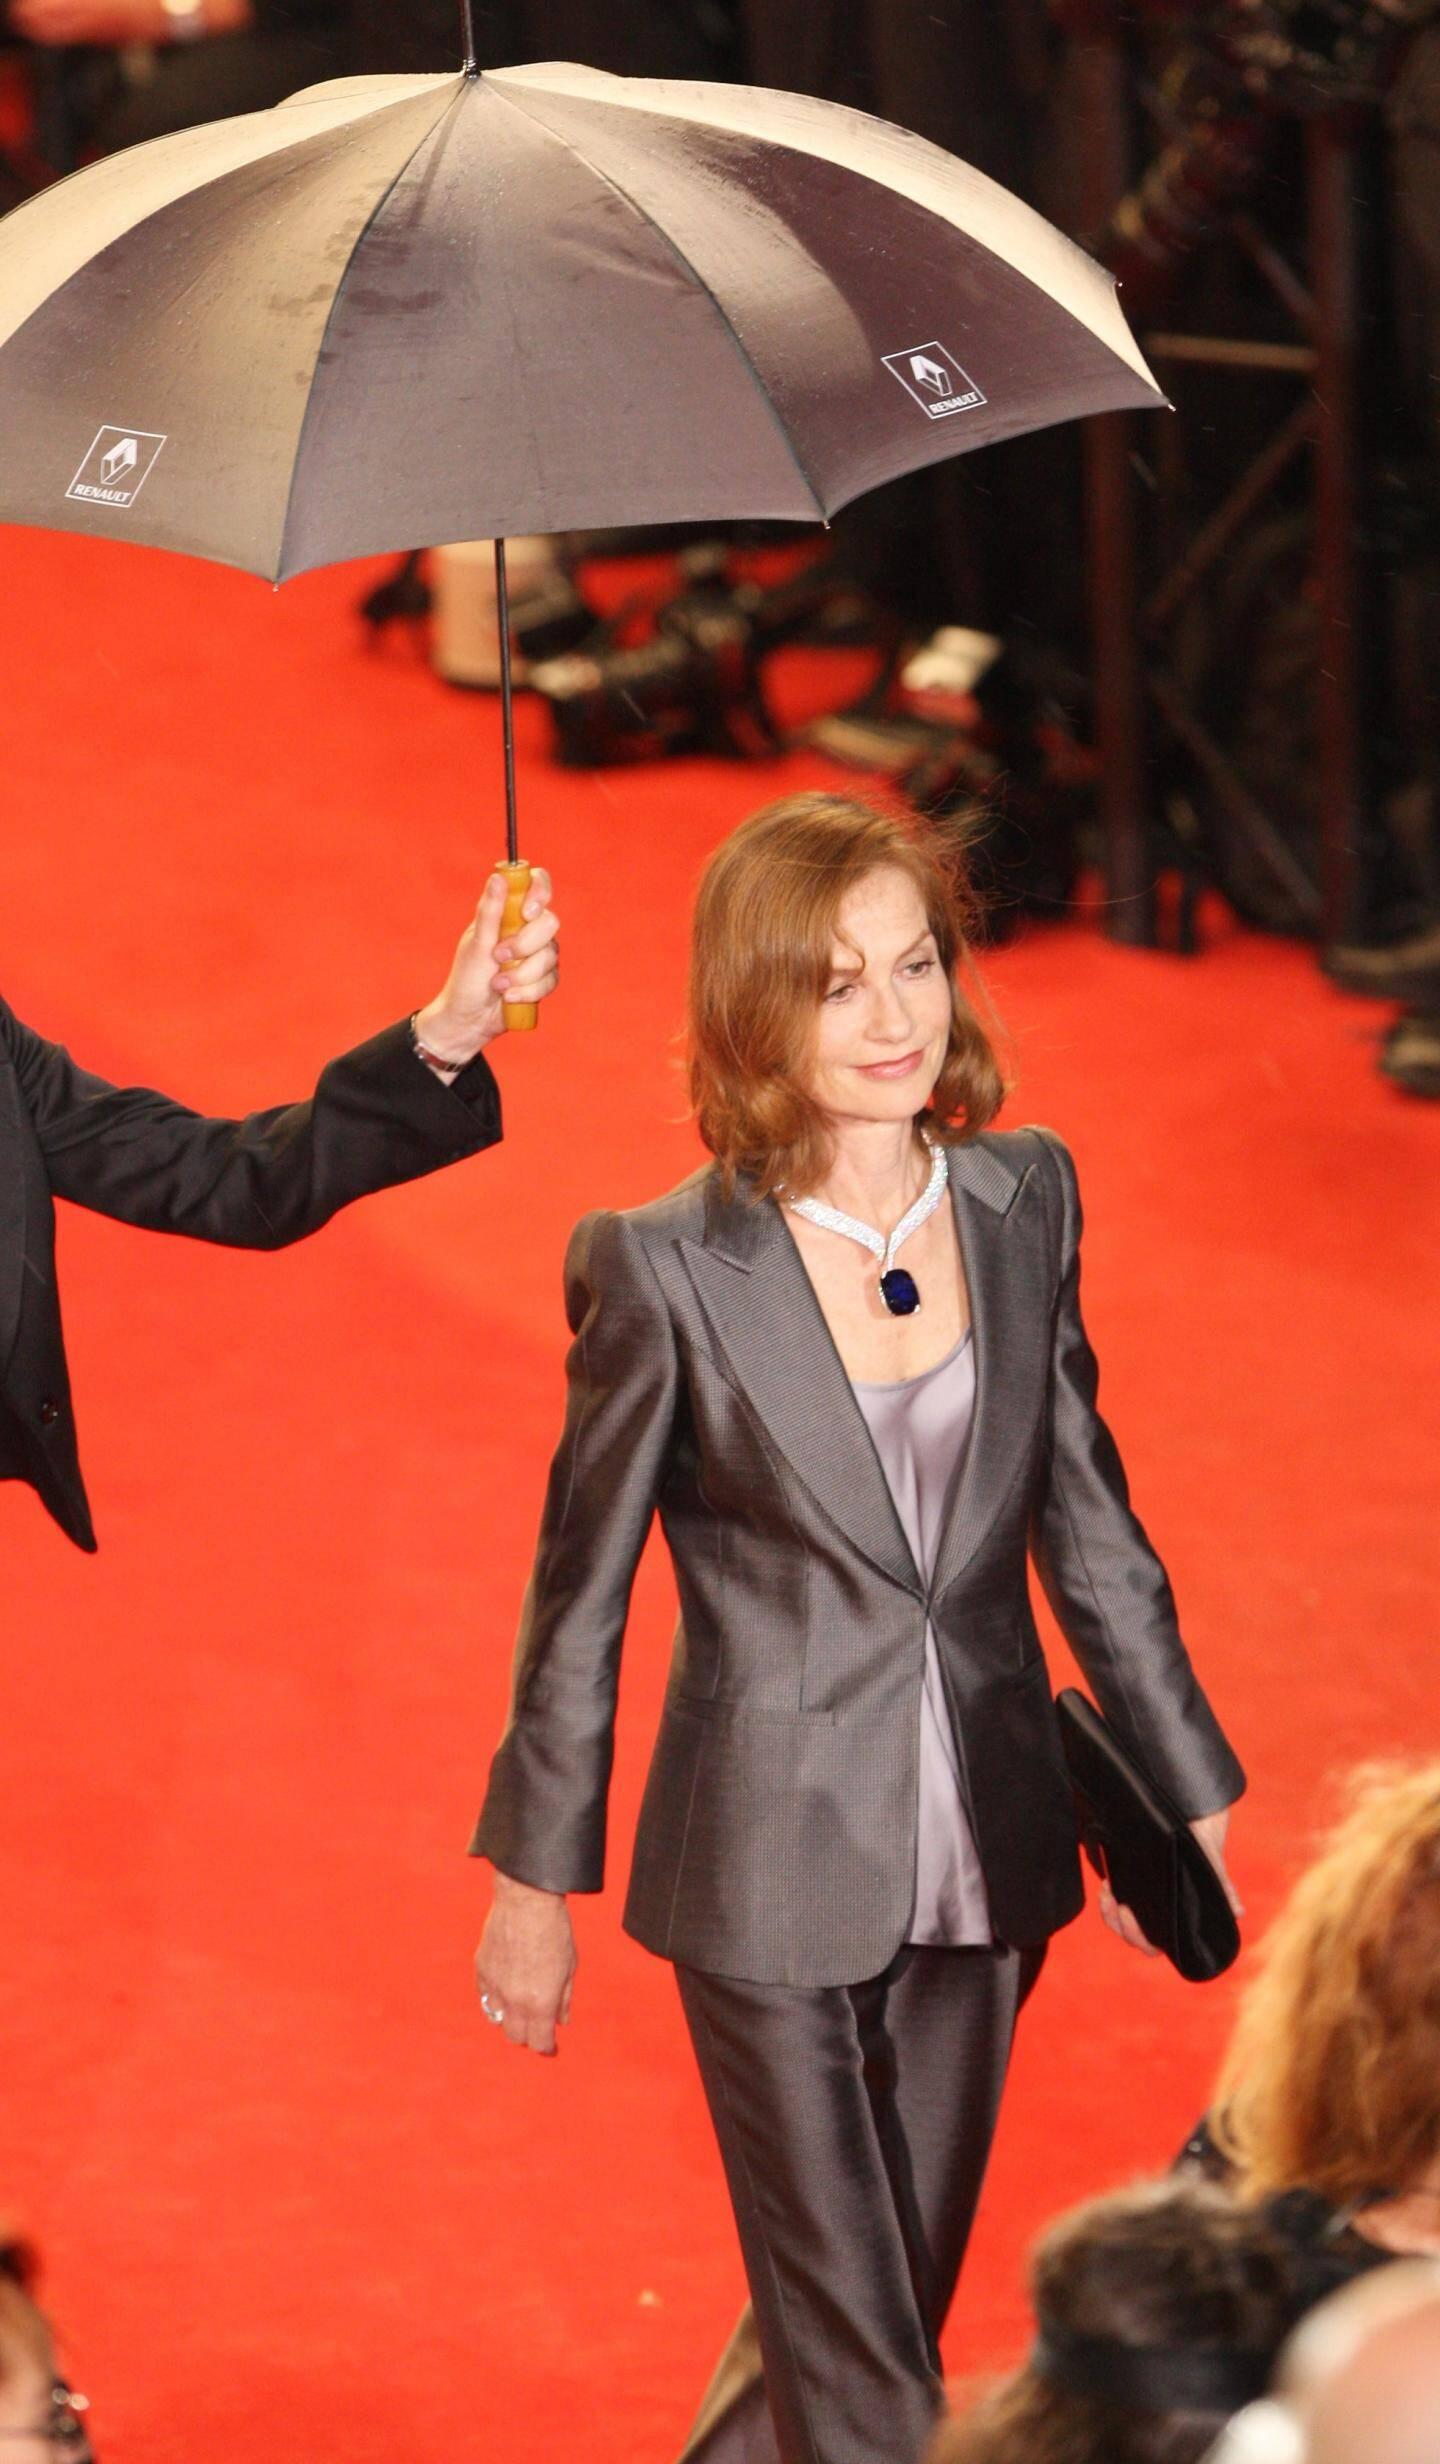 Parce que c'était lui, parce que c'était… Elle. On pourrait paraphraser De la Boétie pour qualifier la relation d'Isabelle Huppert avec le Festival, où elle a encore été acclamée l'an dernier pour le film de Paul Verhoeven. Double Prix d'interprétation (Violette Nozière, La pianiste), 19 films en compétition; elle en fut aussi maîtresse de cérémonie (1998) et présidente (2009). Cannes carbure à l'Huppert !